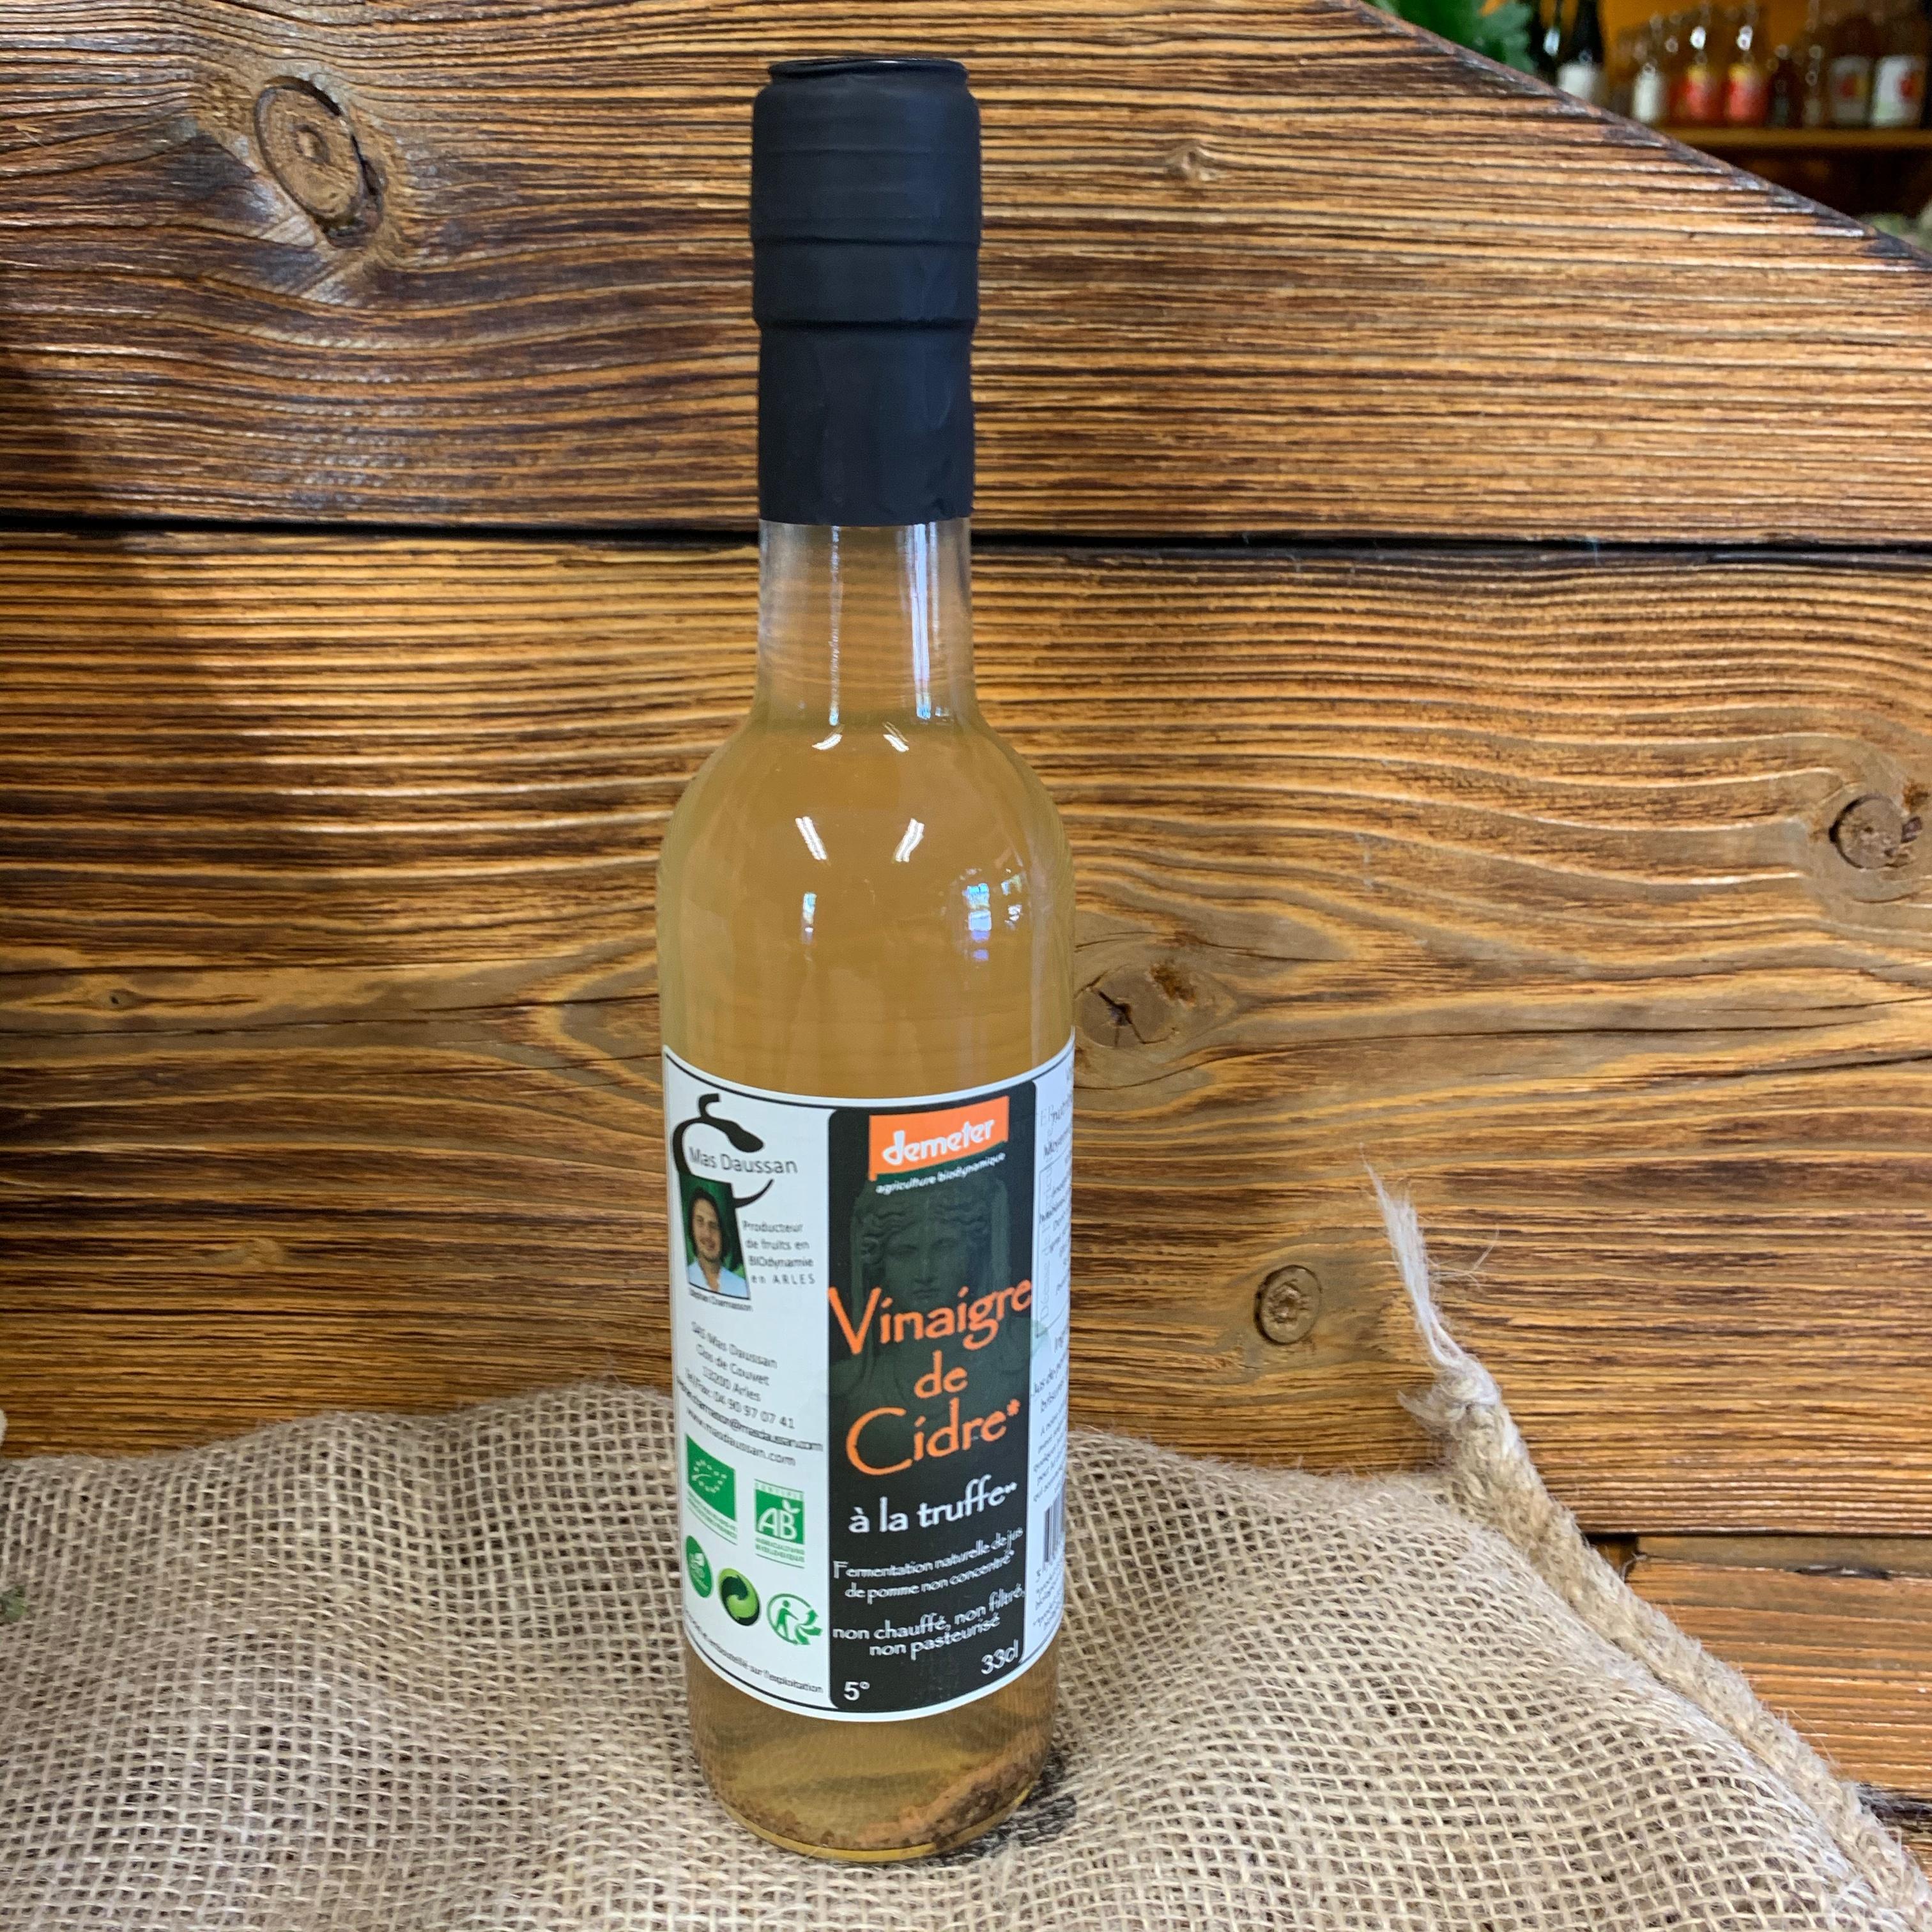 Vinaigre de cidre à la truffe du Mas Daussan 33 cl (13)